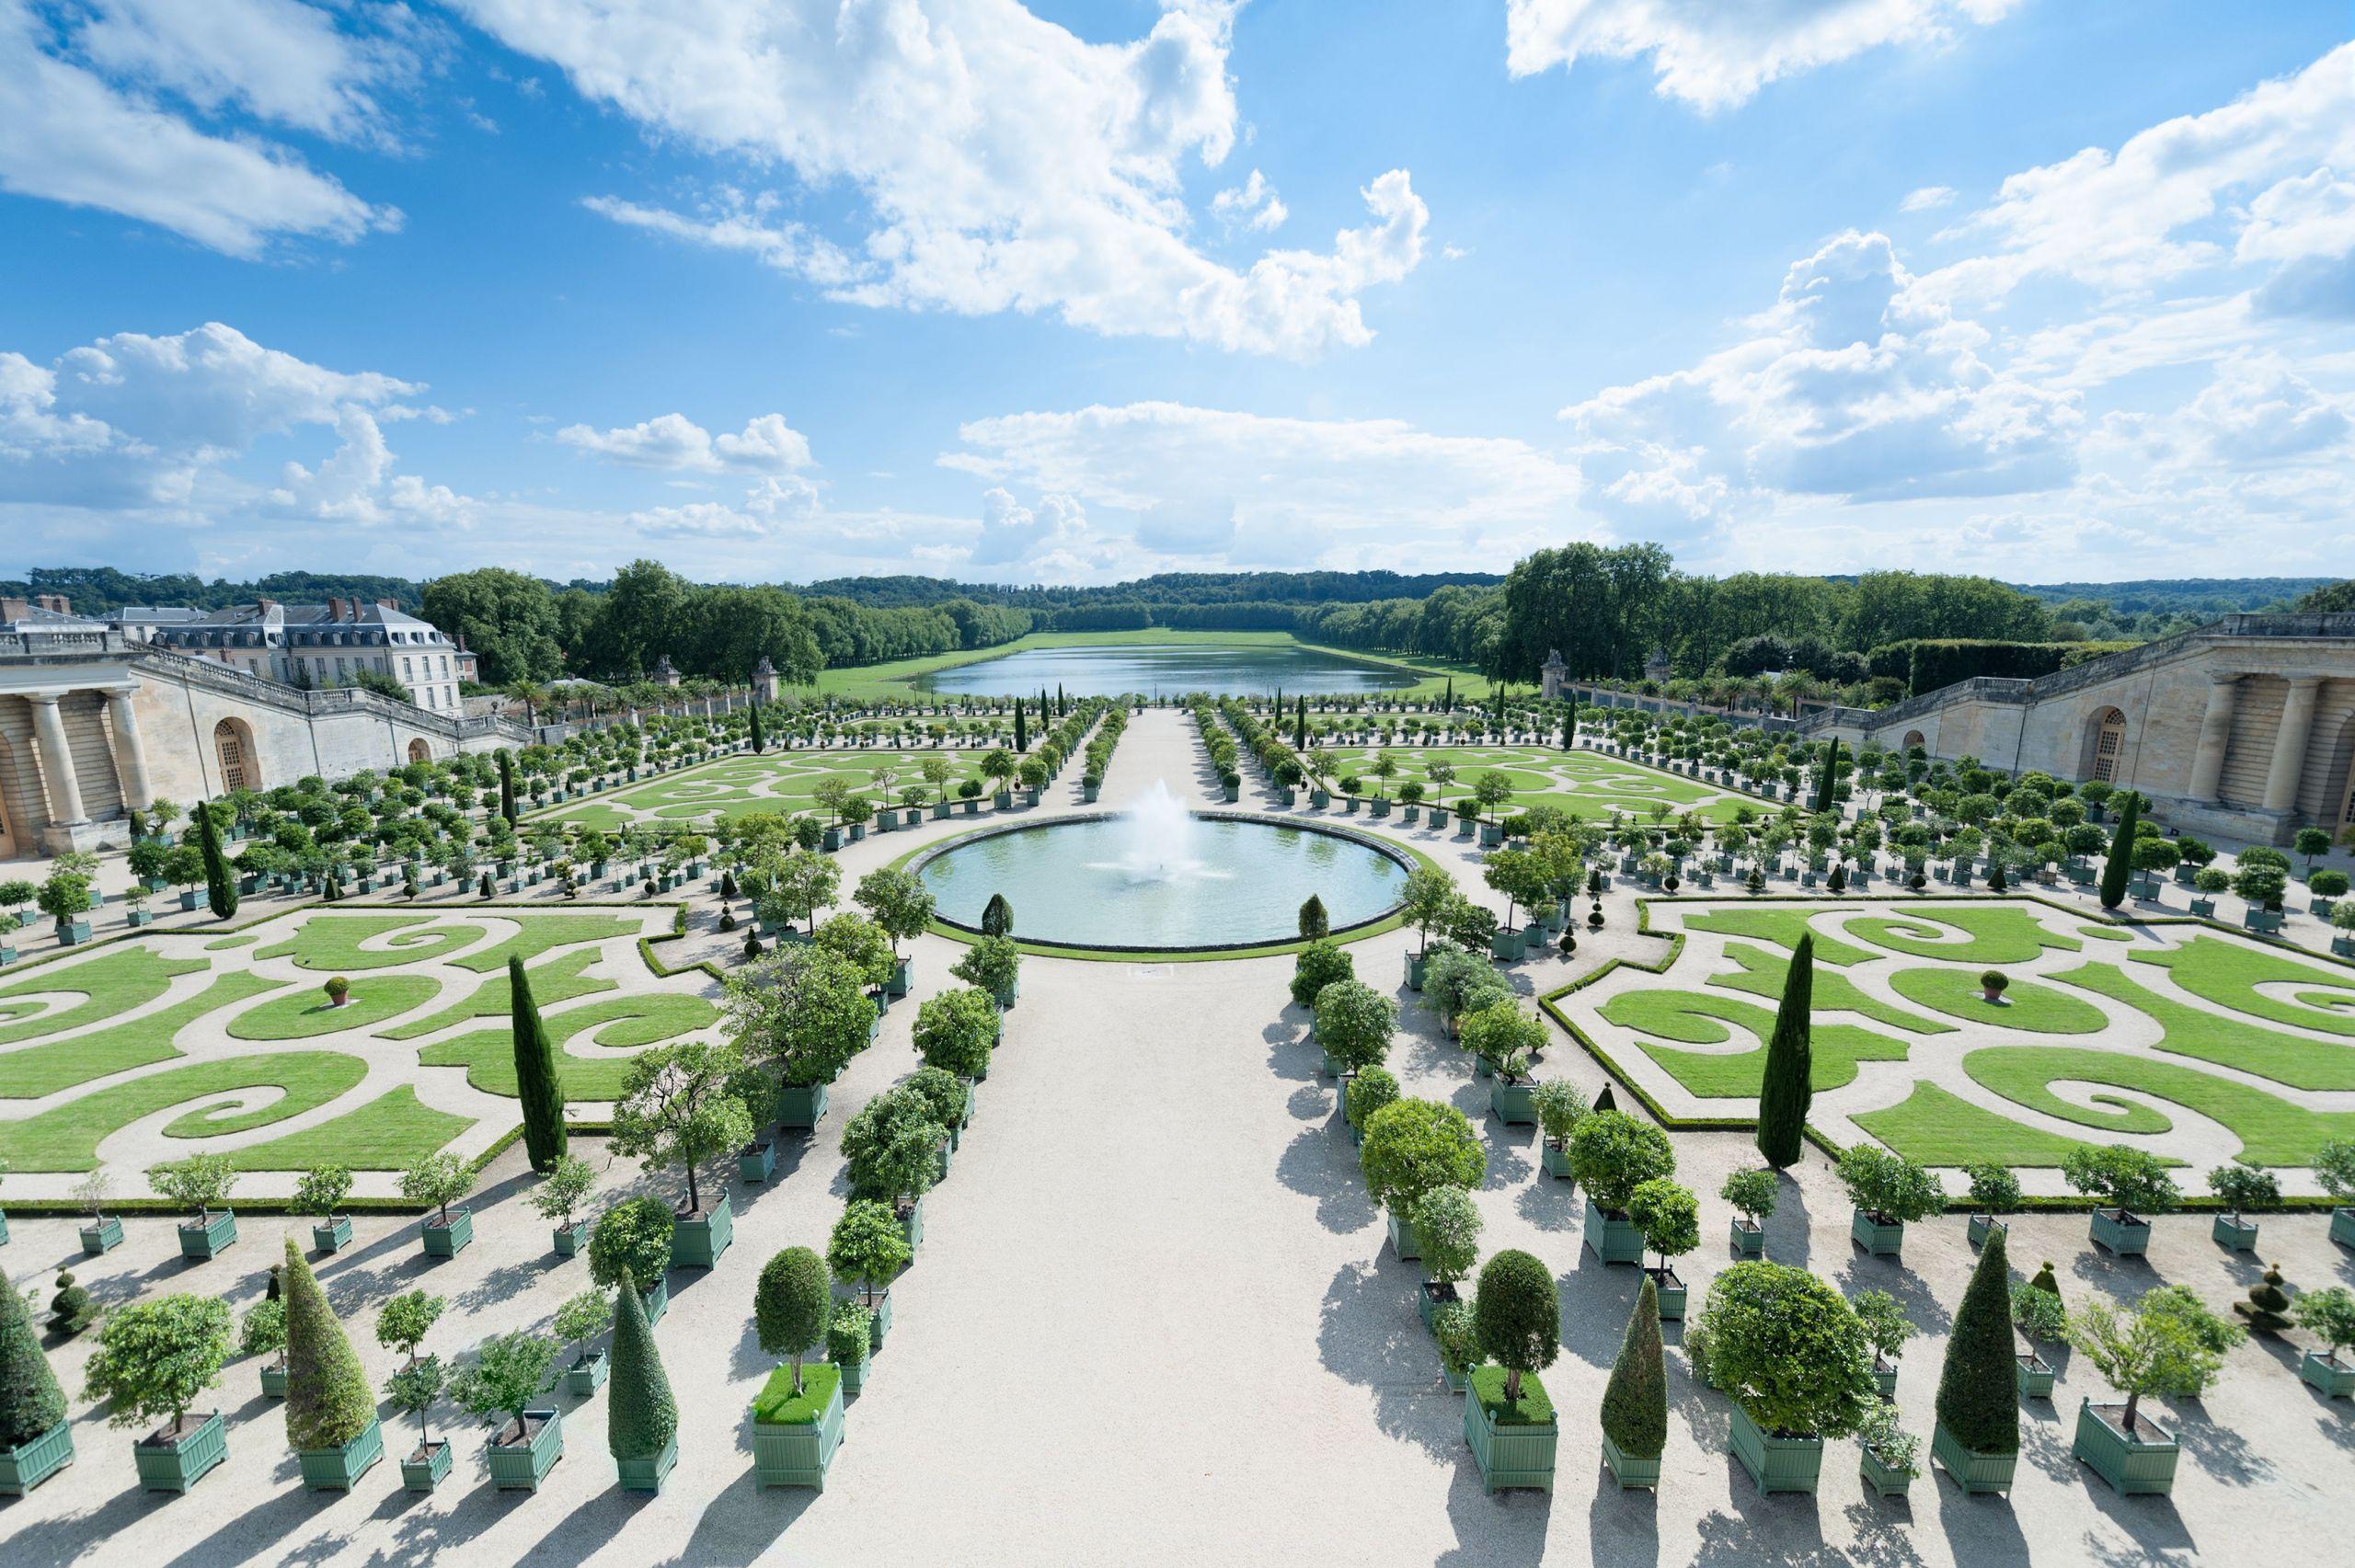 versailles gardens orangerie fddaad52b0011a6a0a4